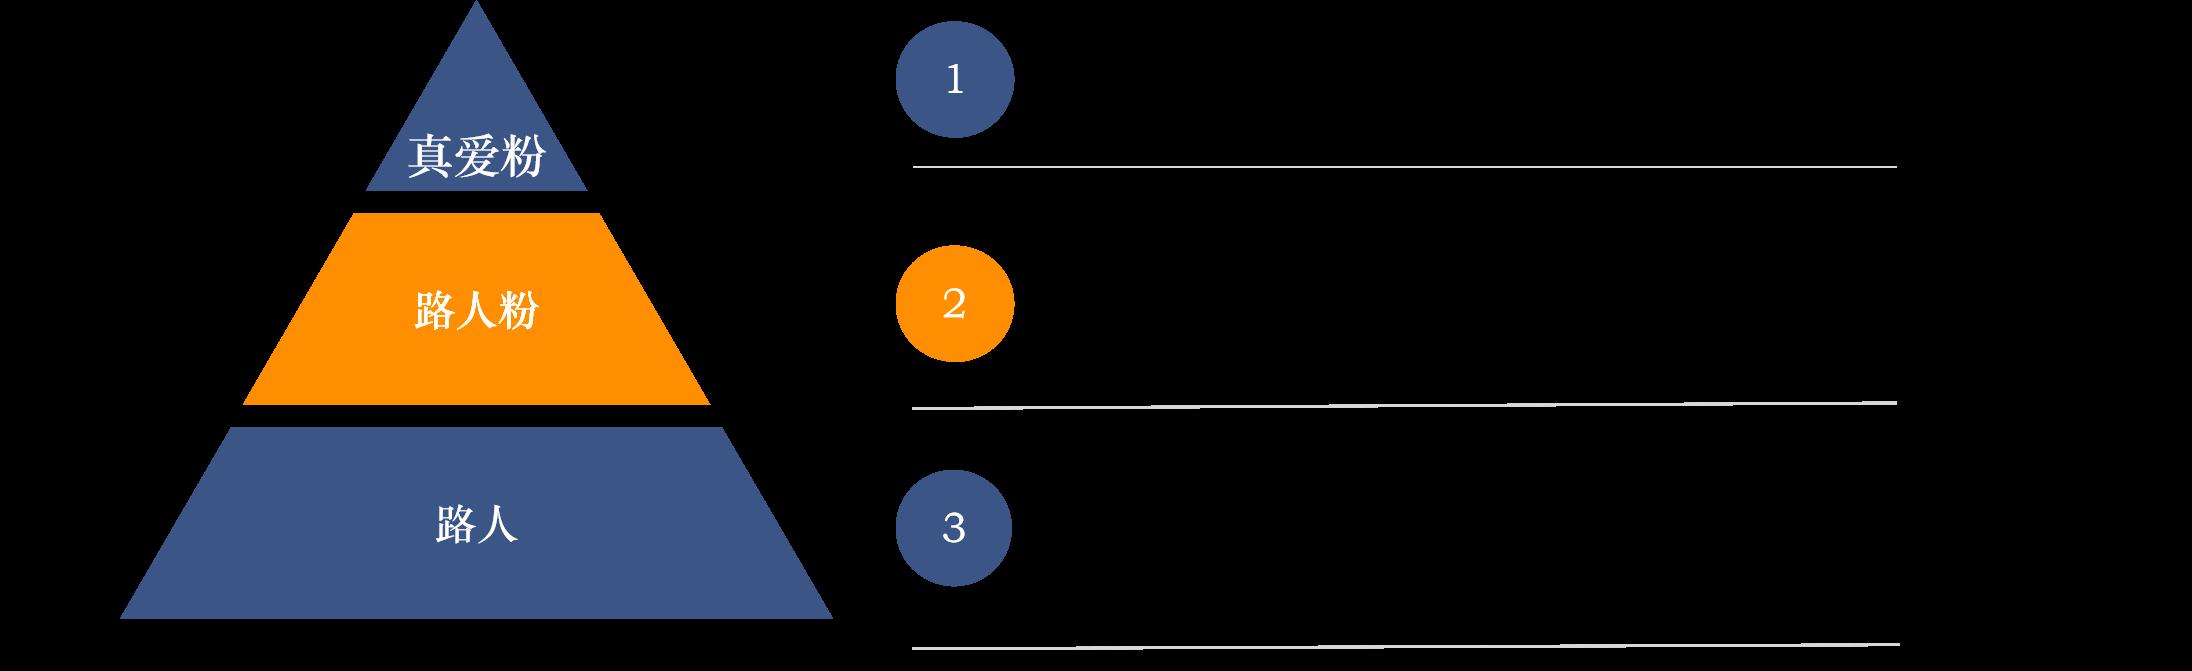 B站弹幕生态管理——如何在保持内容多元中更健康的发展弹幕生态?